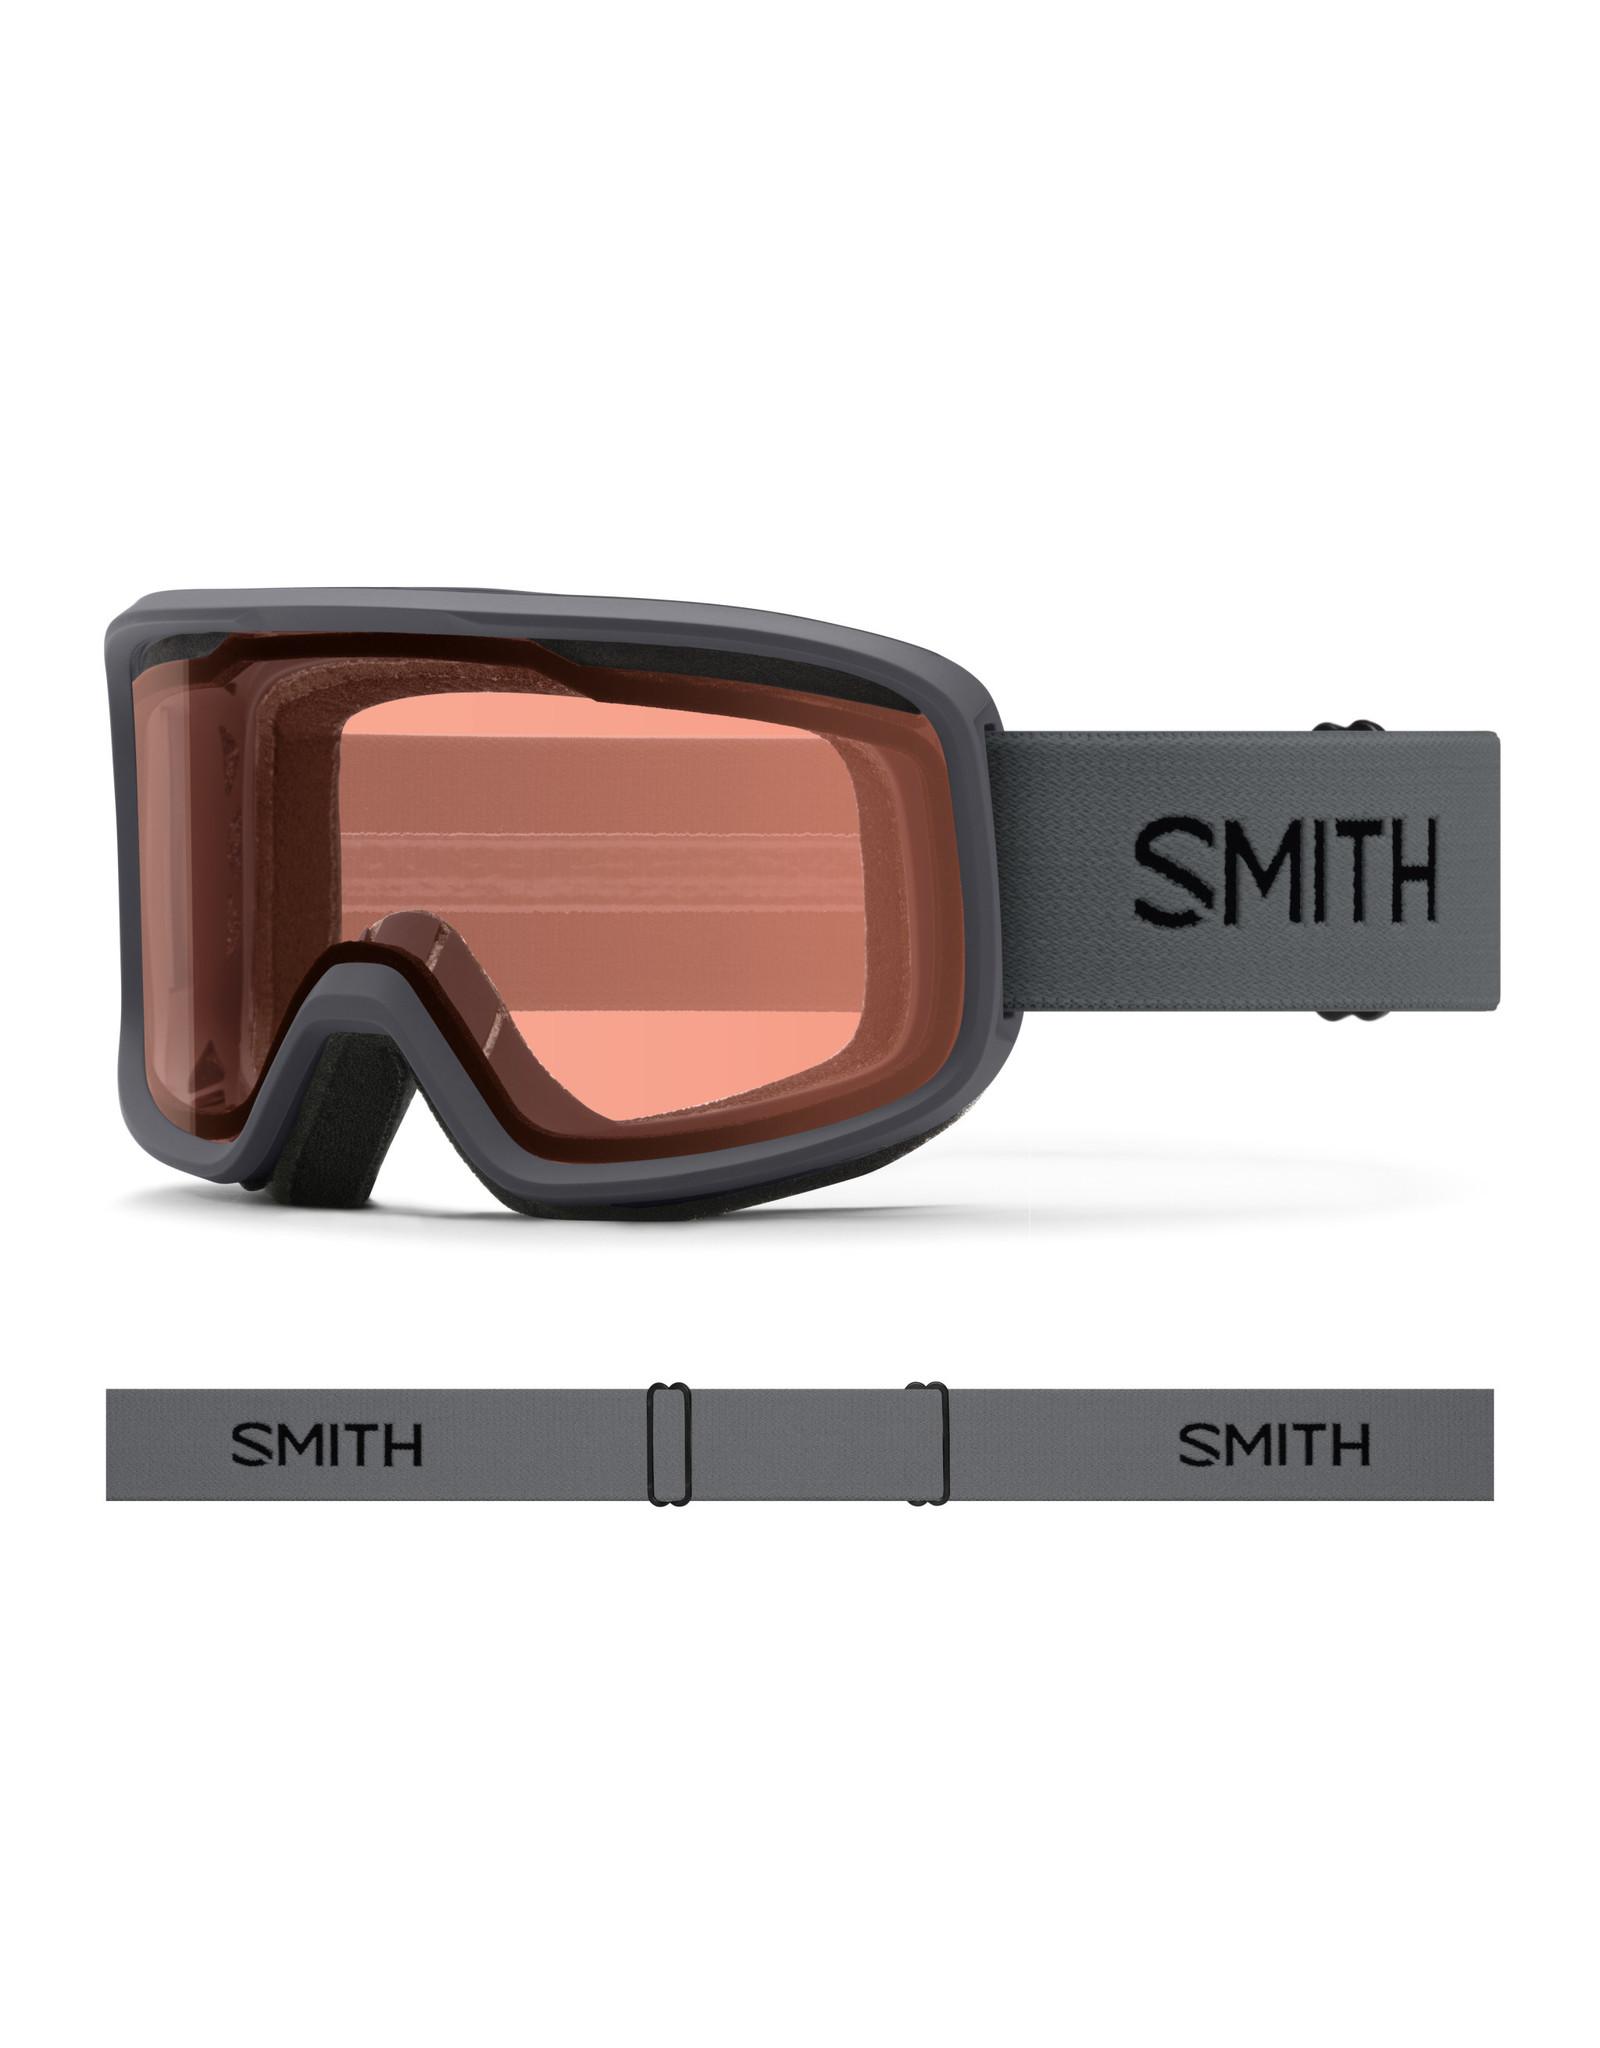 Smith SMITH FRONTIER CHRCOAL 20